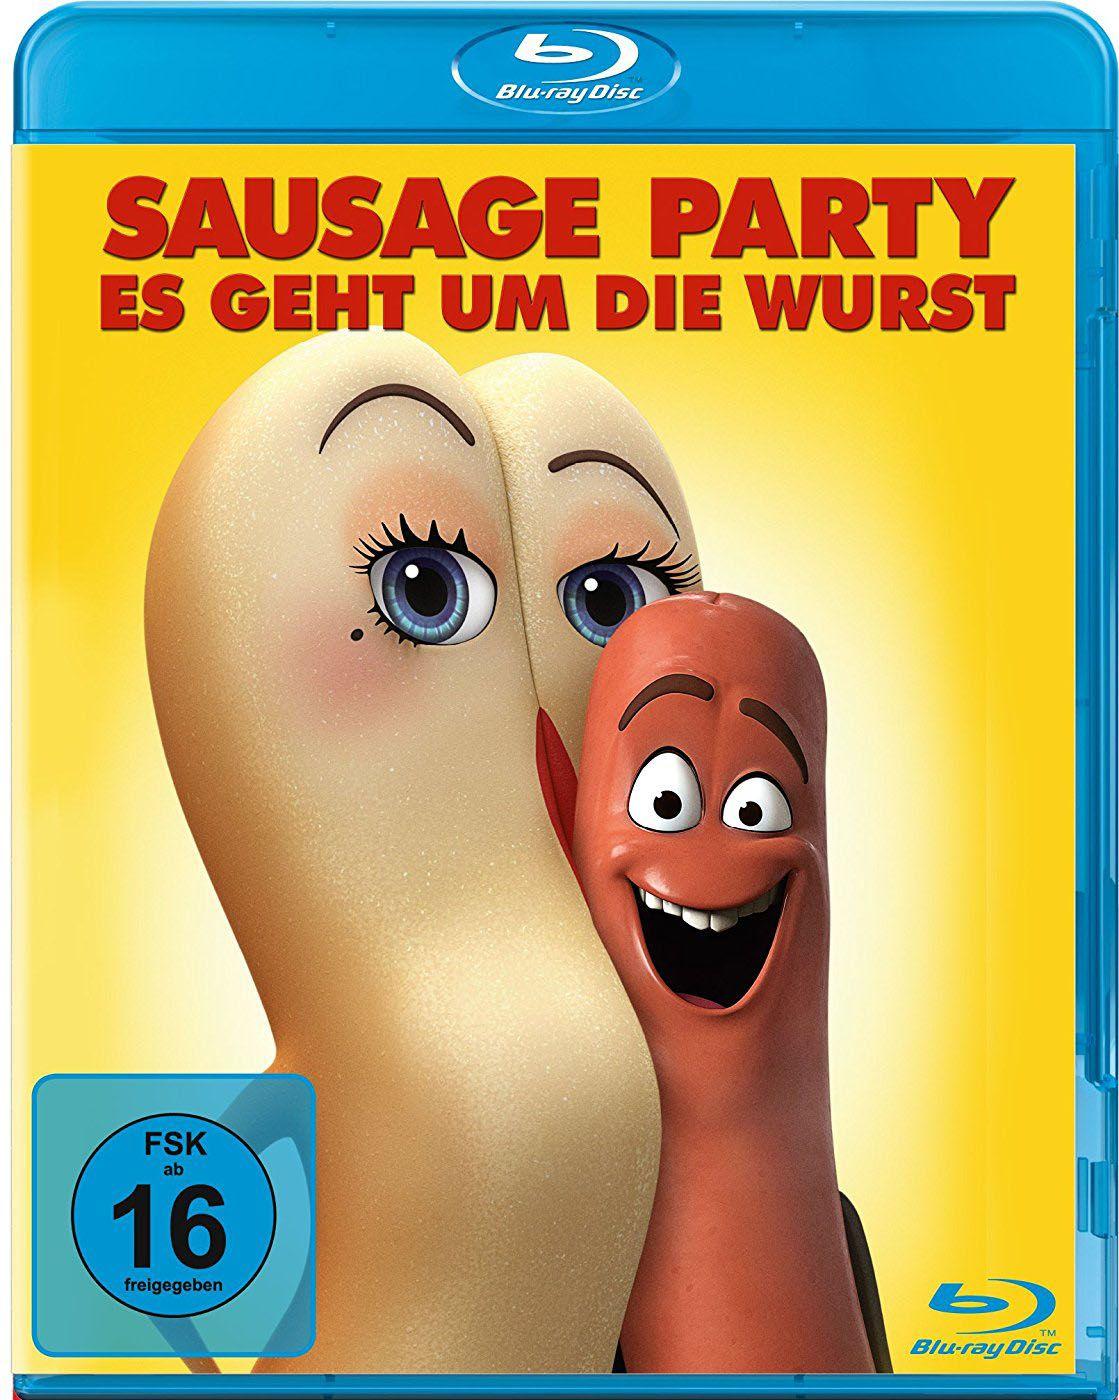 Sausage Party - Es geht um die Wurst (BLURAY)